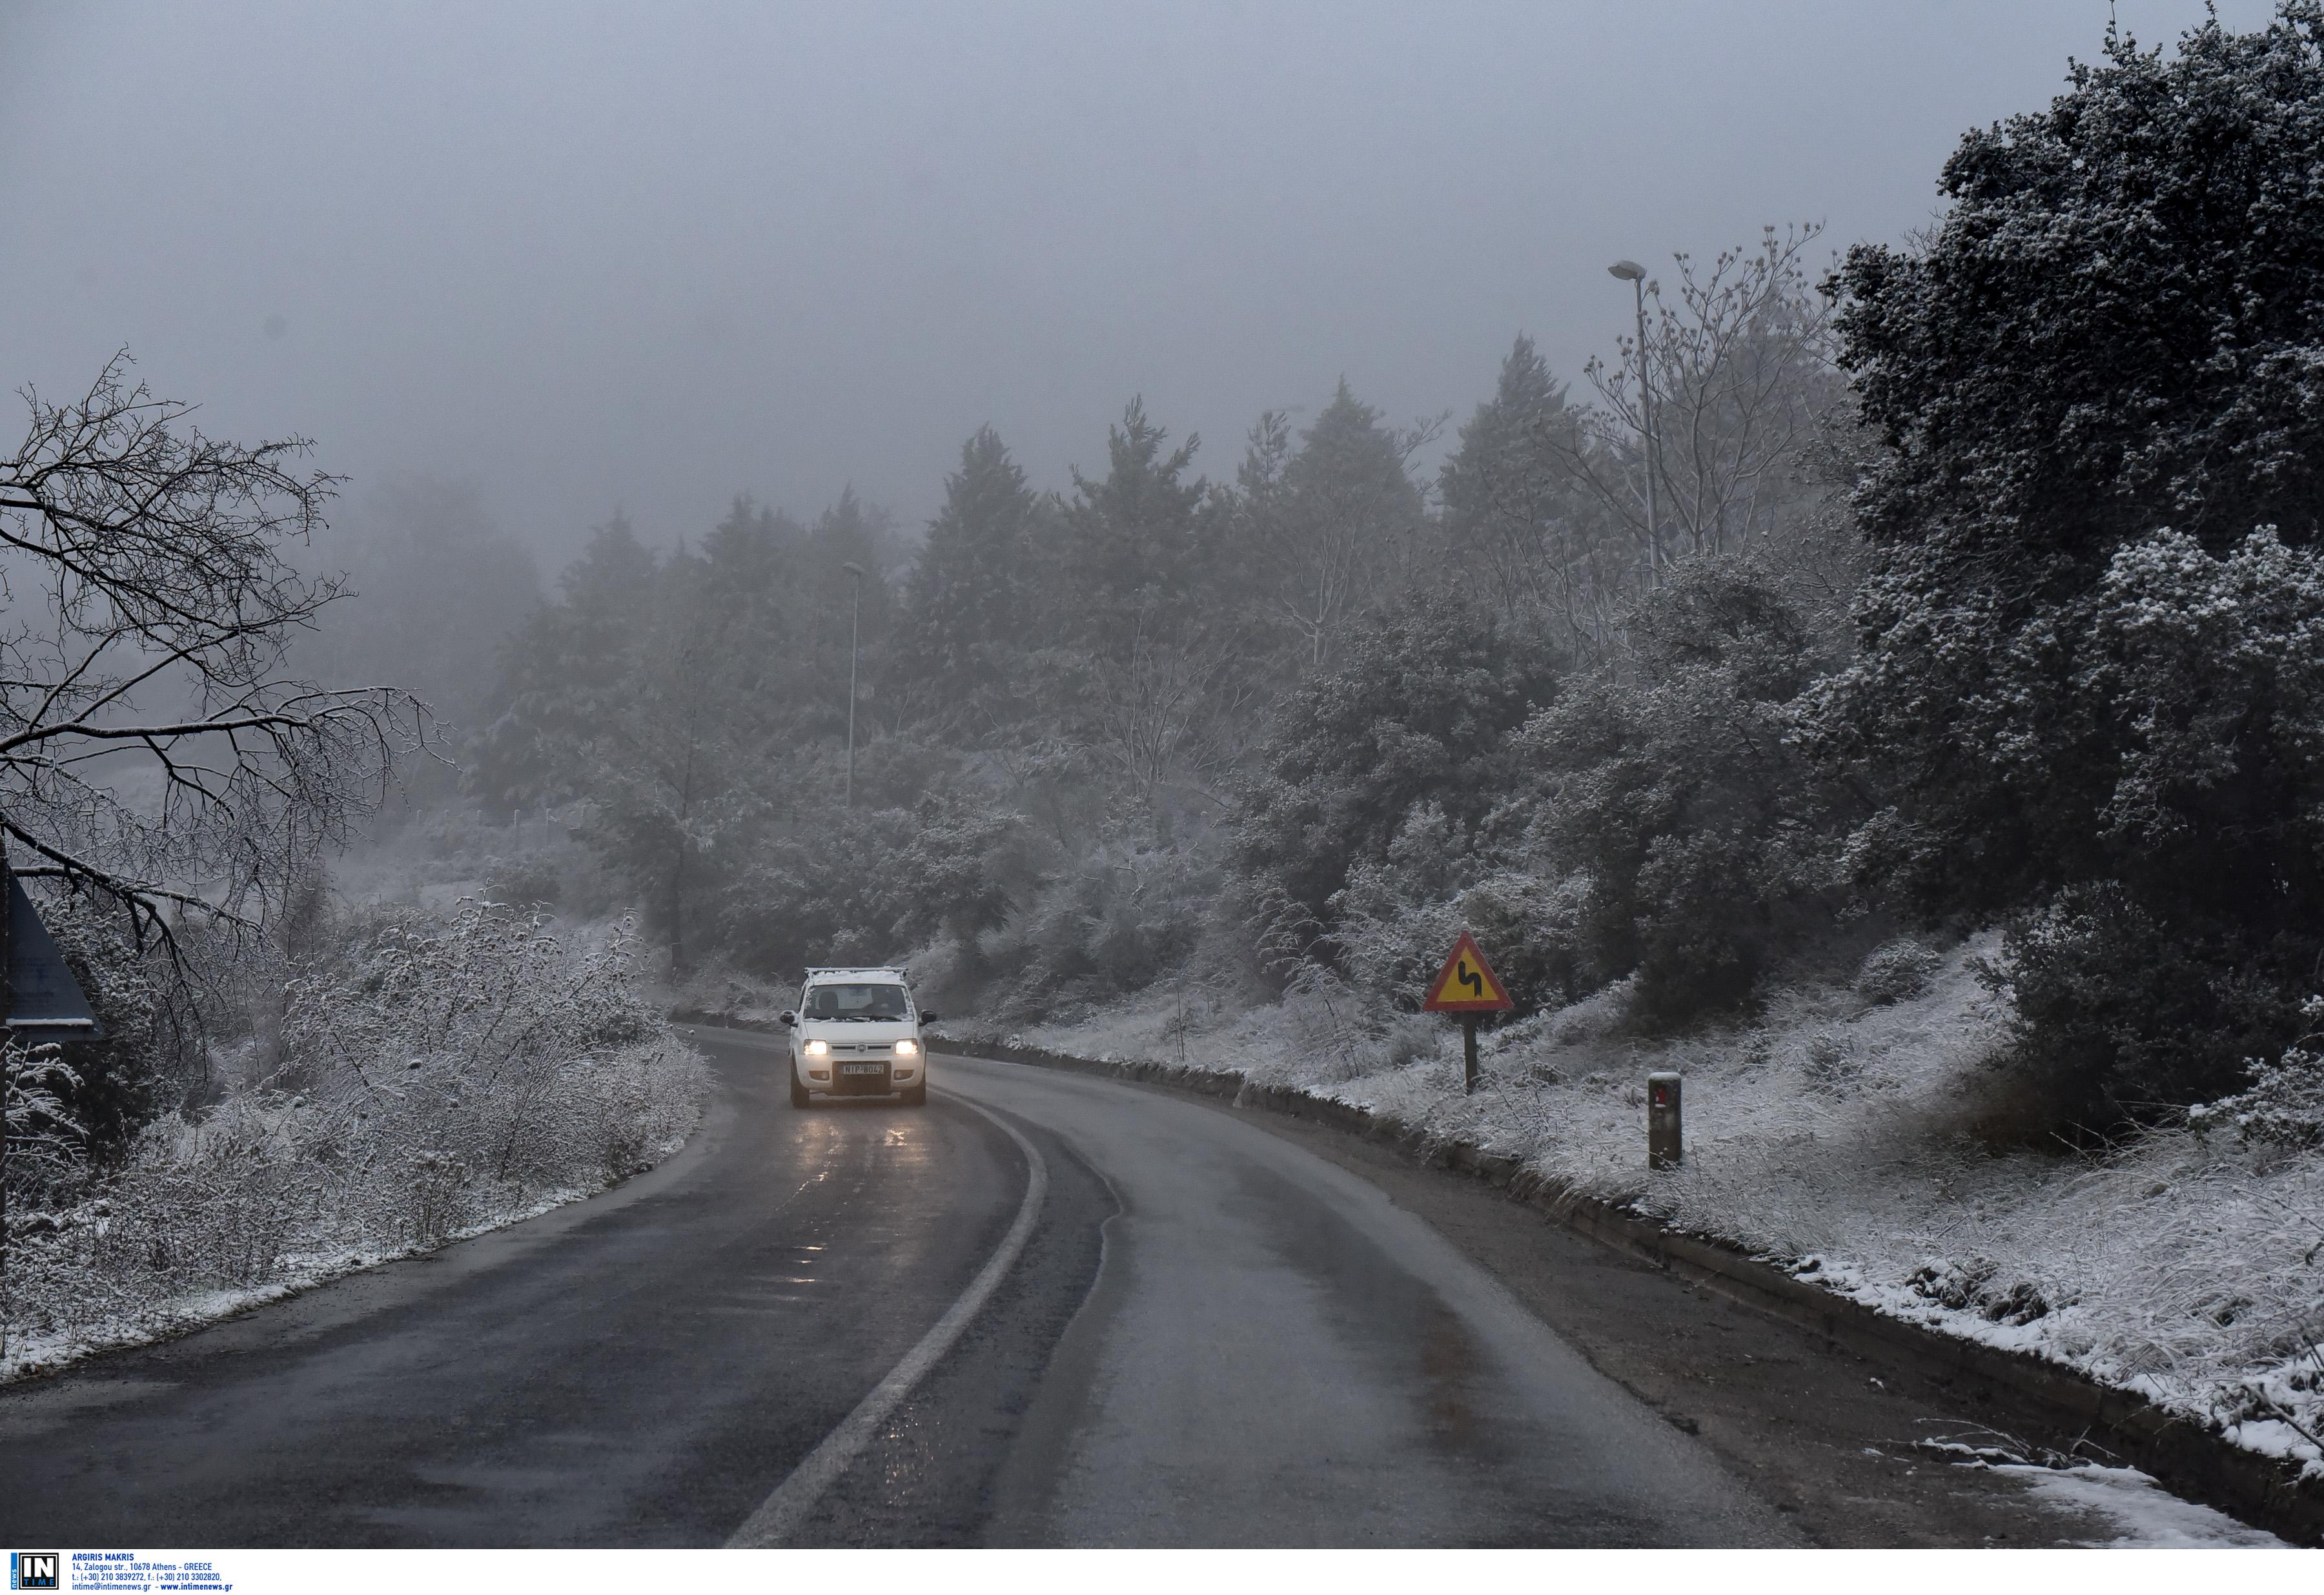 Χιονιάς... σε δύο δόσεις! Πού θα χιονίσει τις επόμενες ώρες